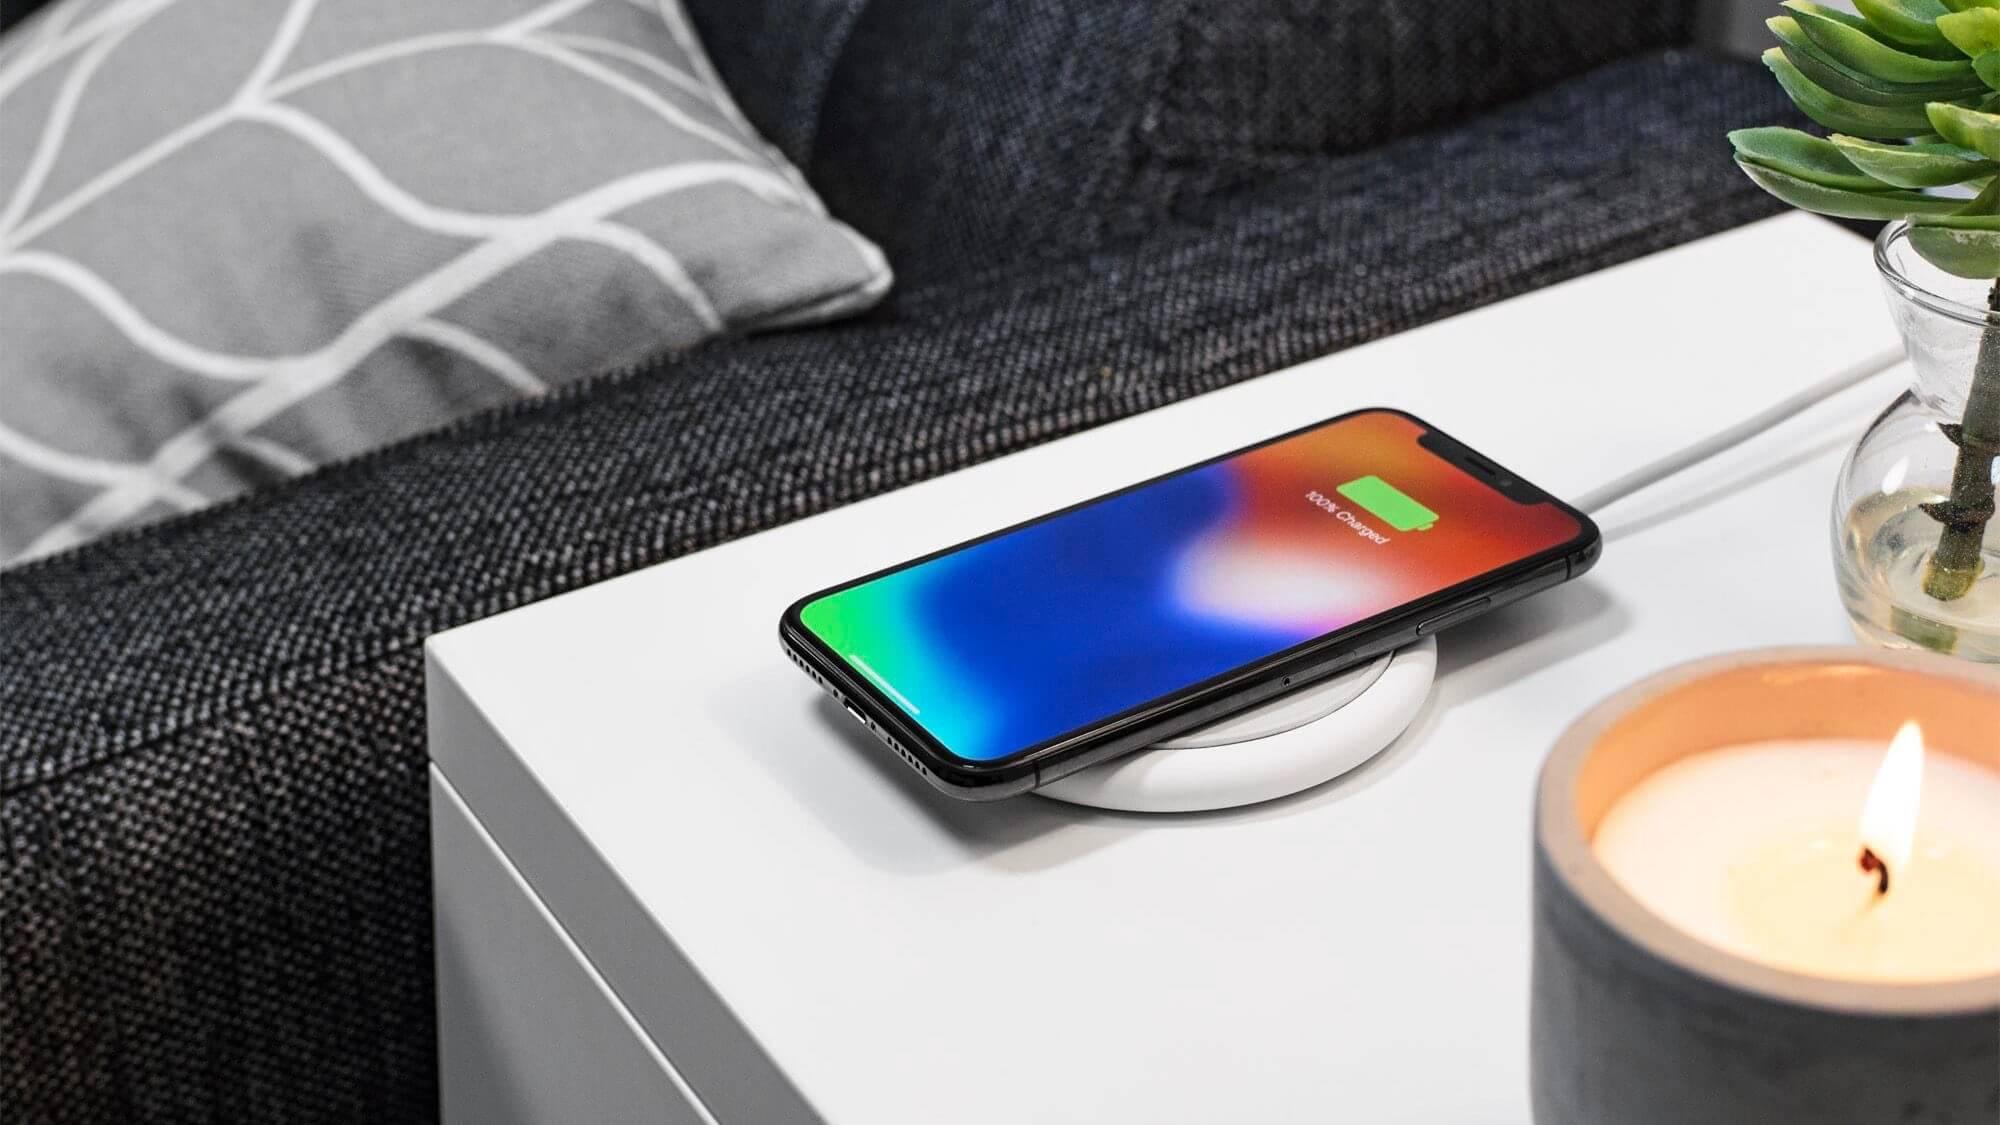 Apple повысила скорость беспроводной зарядки iPhone XS и XS Max